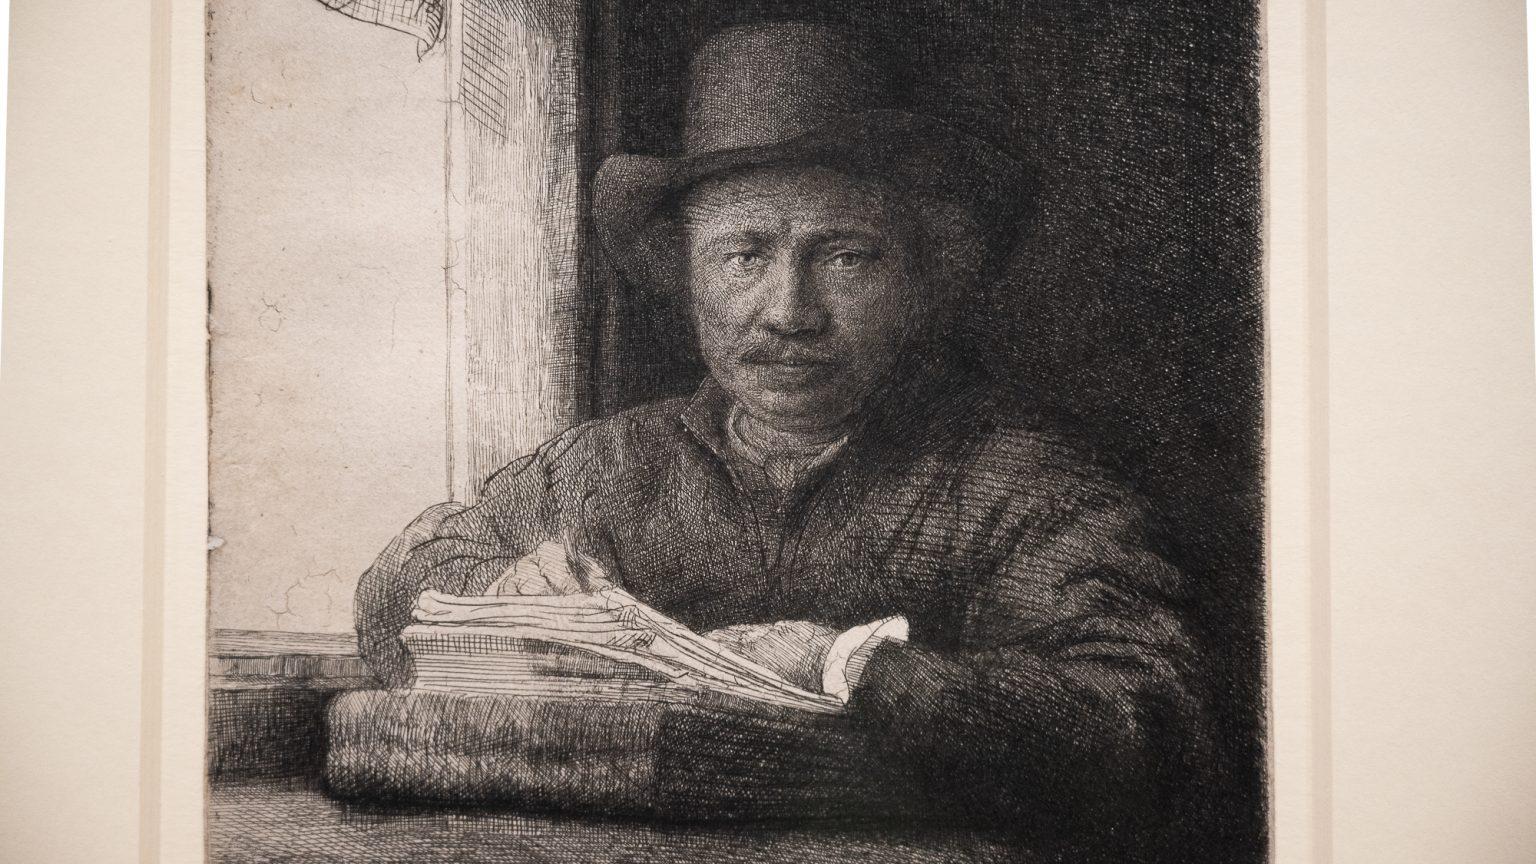 Rembrandt, Selbstbildnis, radierend am Fenster, 1648